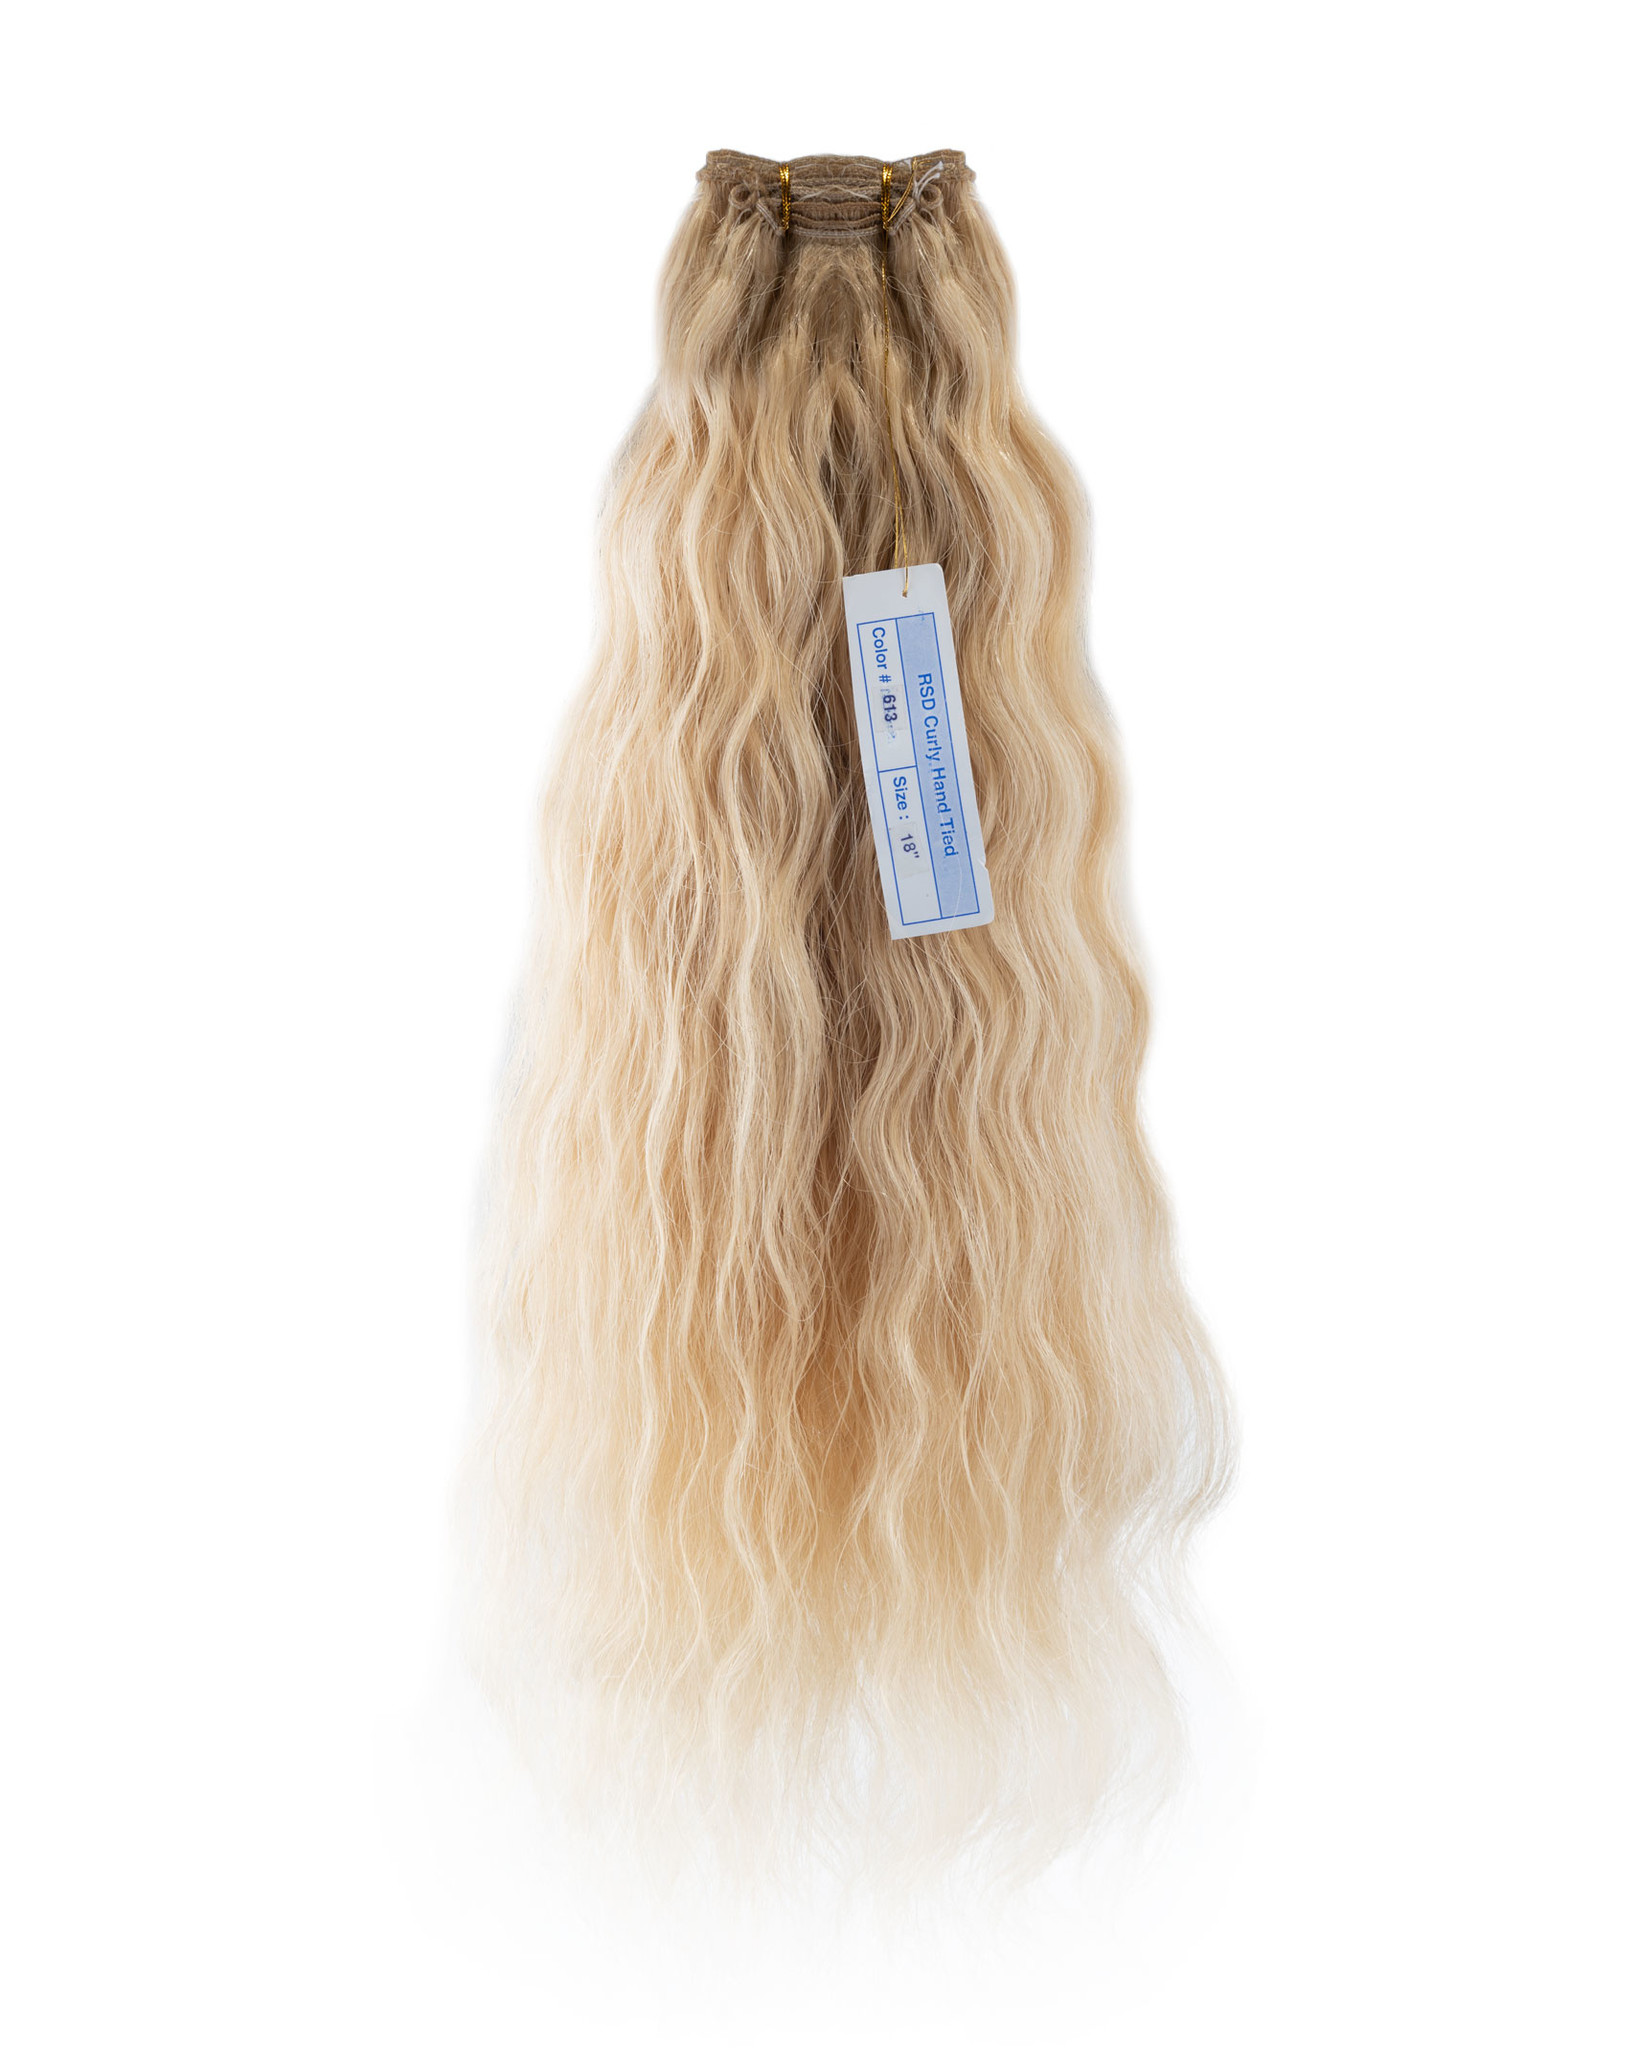 SilverFox Brazilian Curly - Blond #613